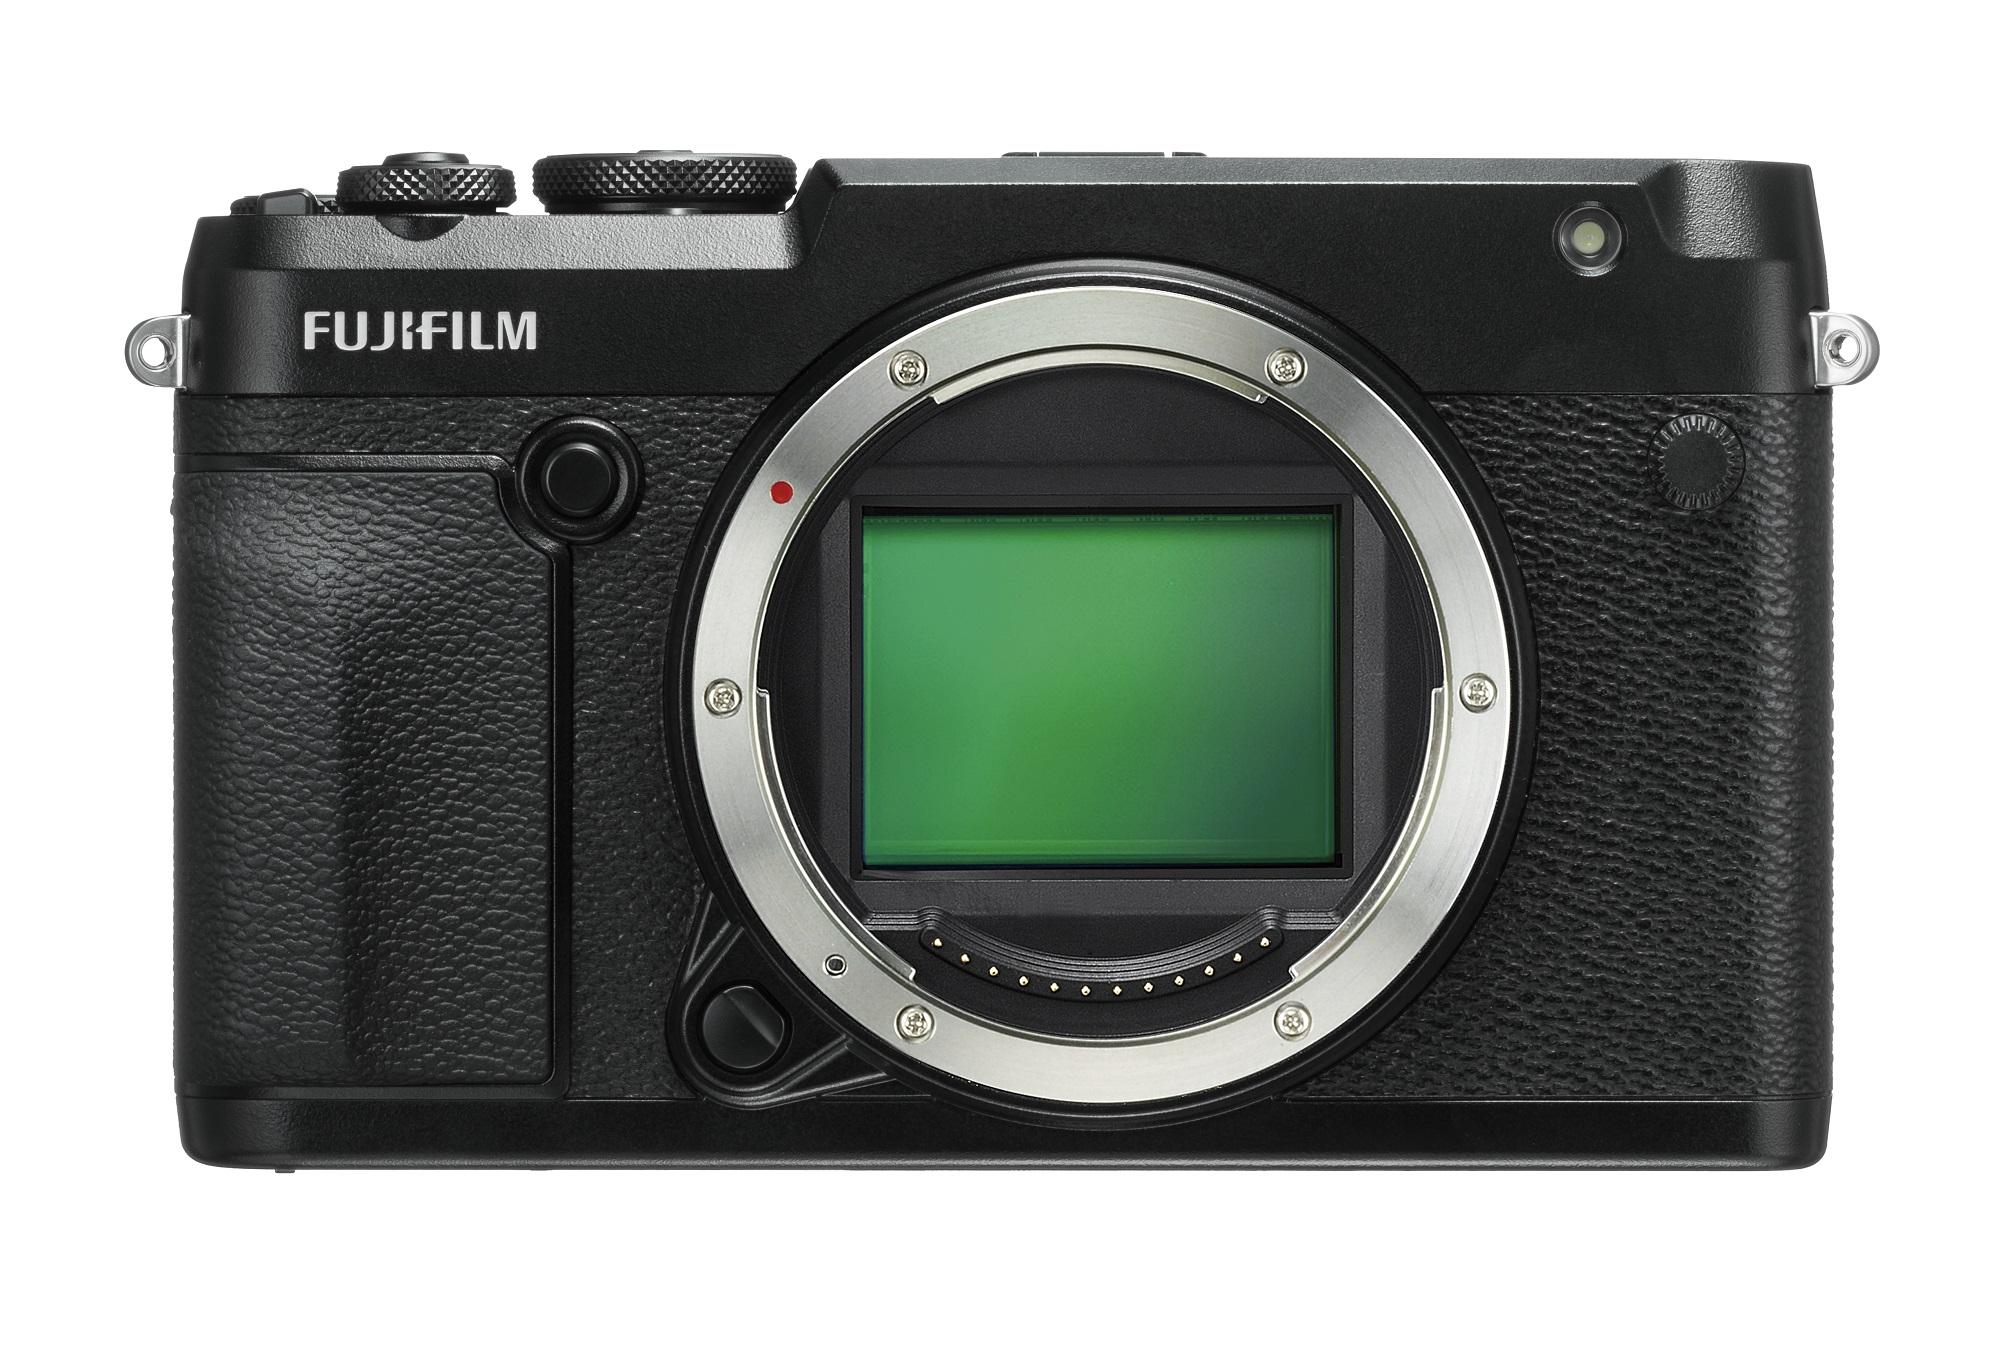 旁轴造型中画幅数码相机富士 GFX 50R 正式发布